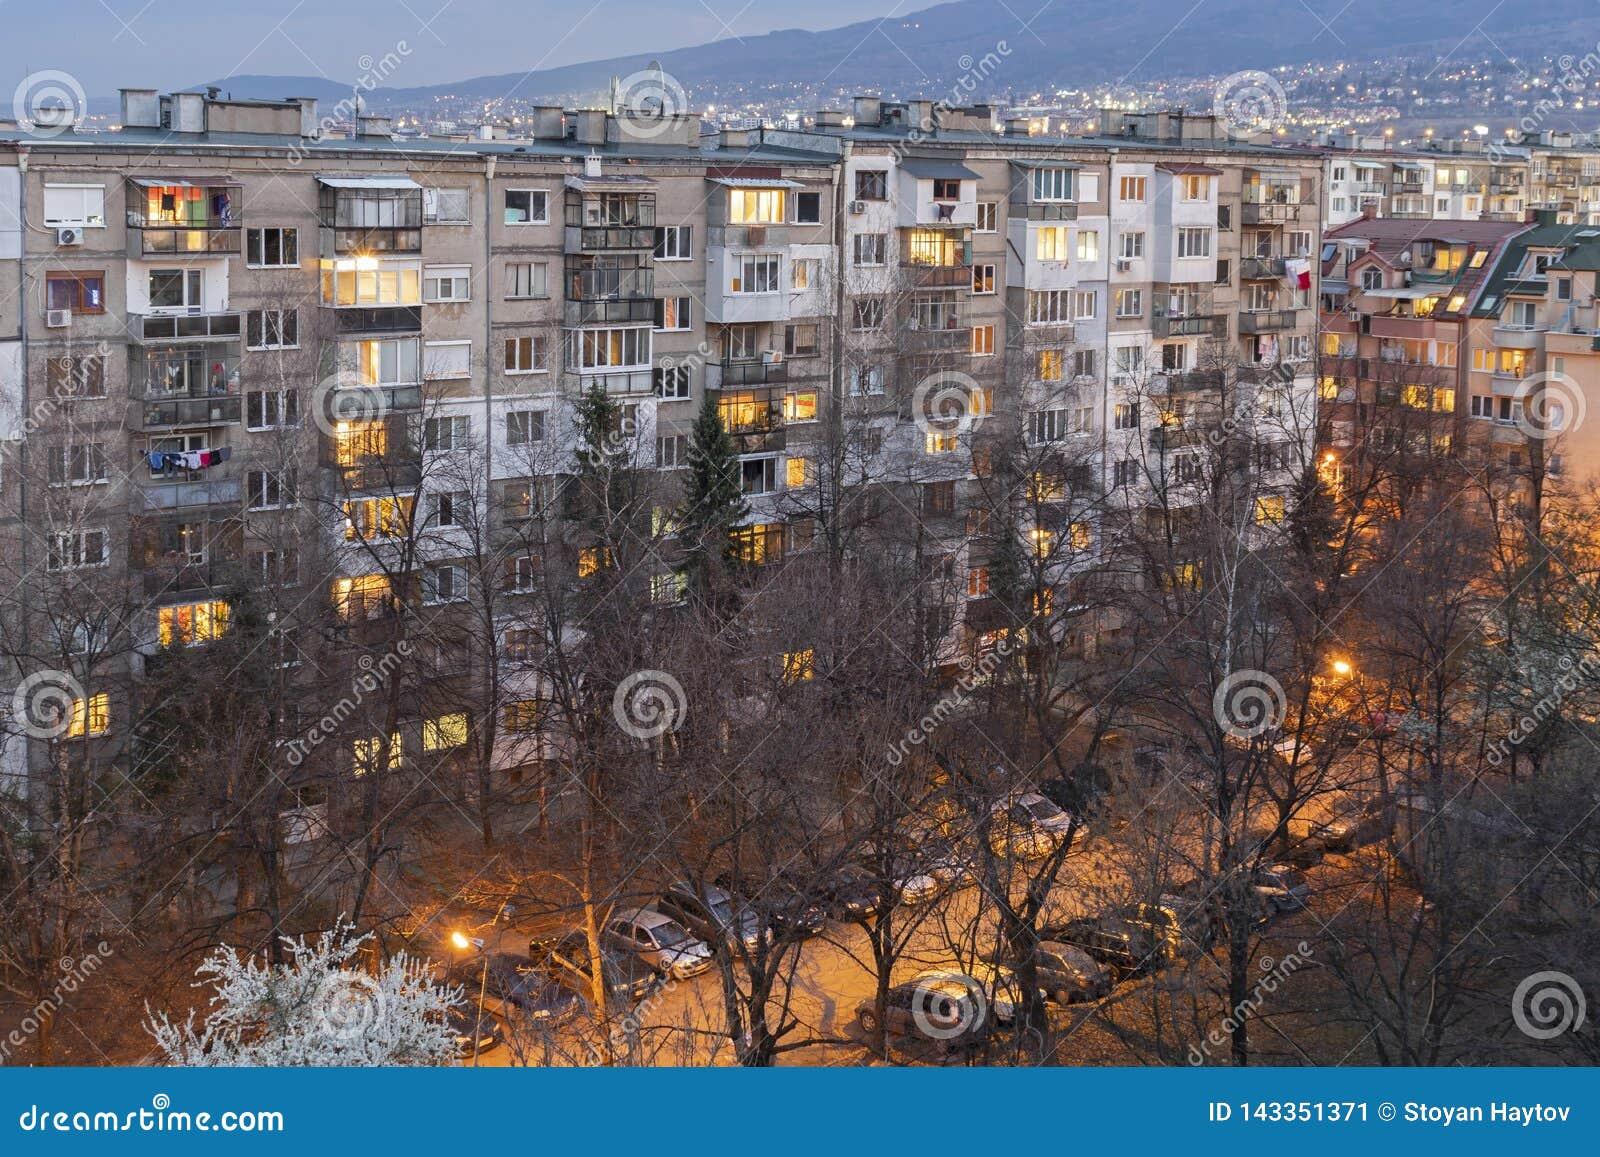 Άποψη ηλιοβασιλέματος του χαρακτηριστικού κατοικημένου κτηρίου από την κομμουνιστική περίοδο στην πόλη της Sofia, Βουλγαρία